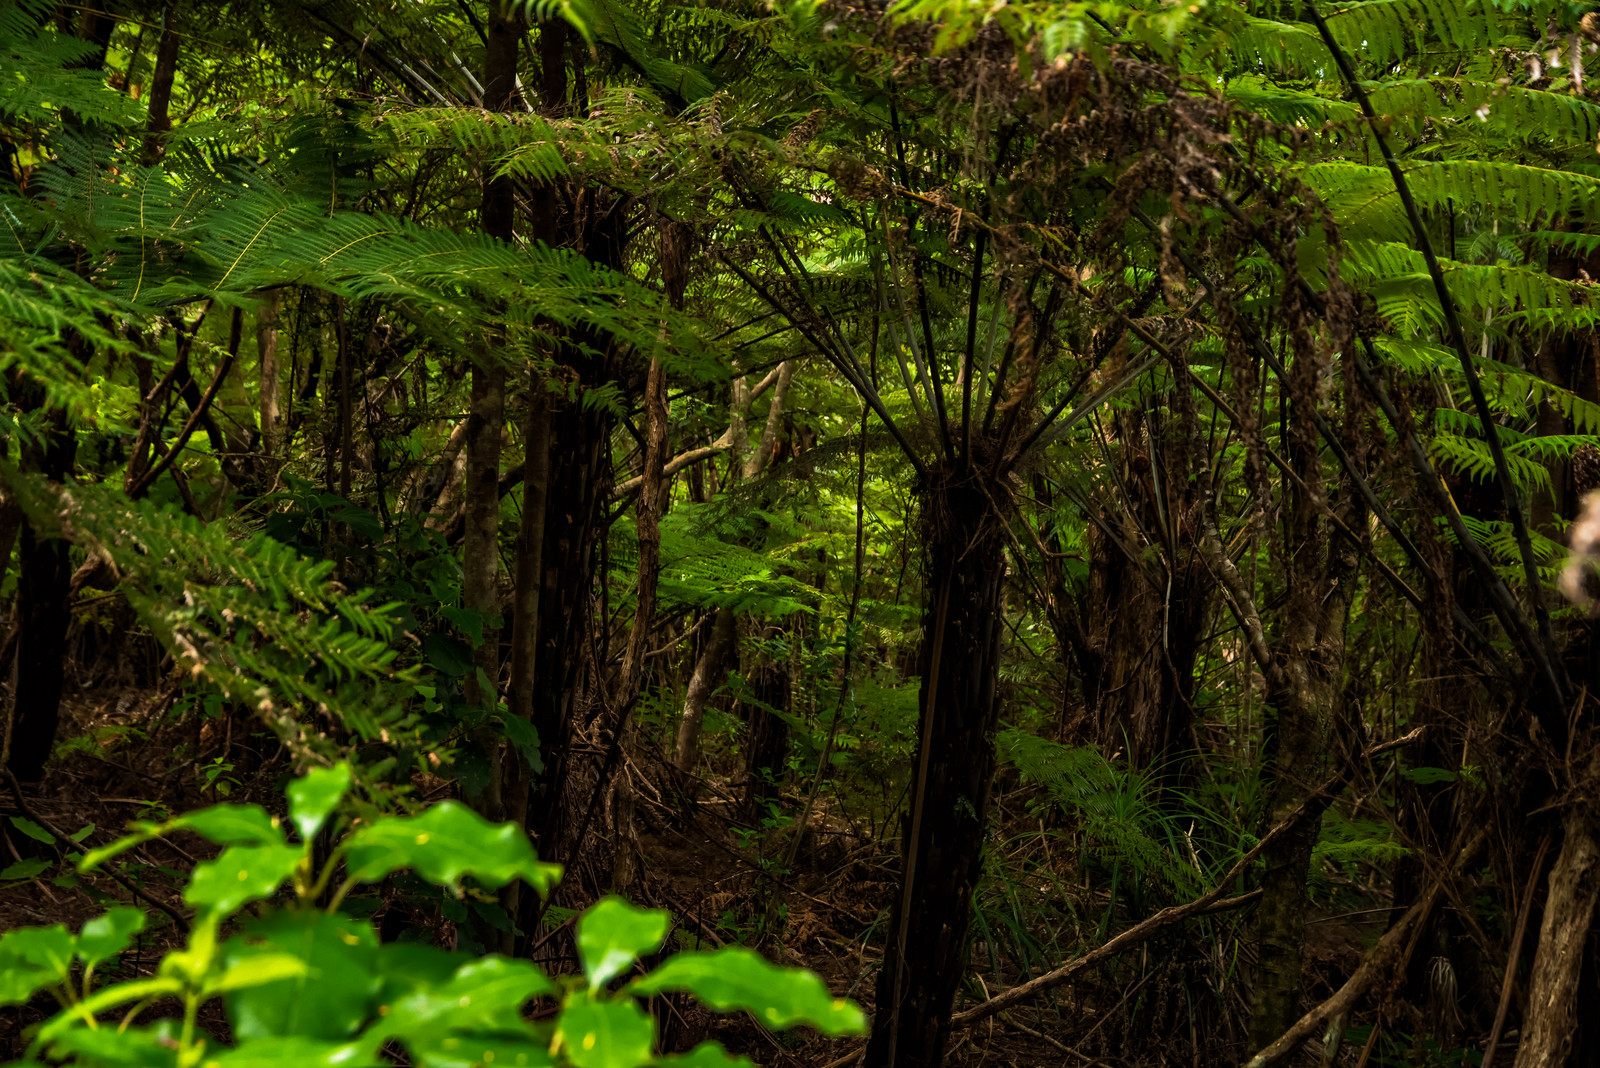 「ニュージーランドにある原生林の森」の写真